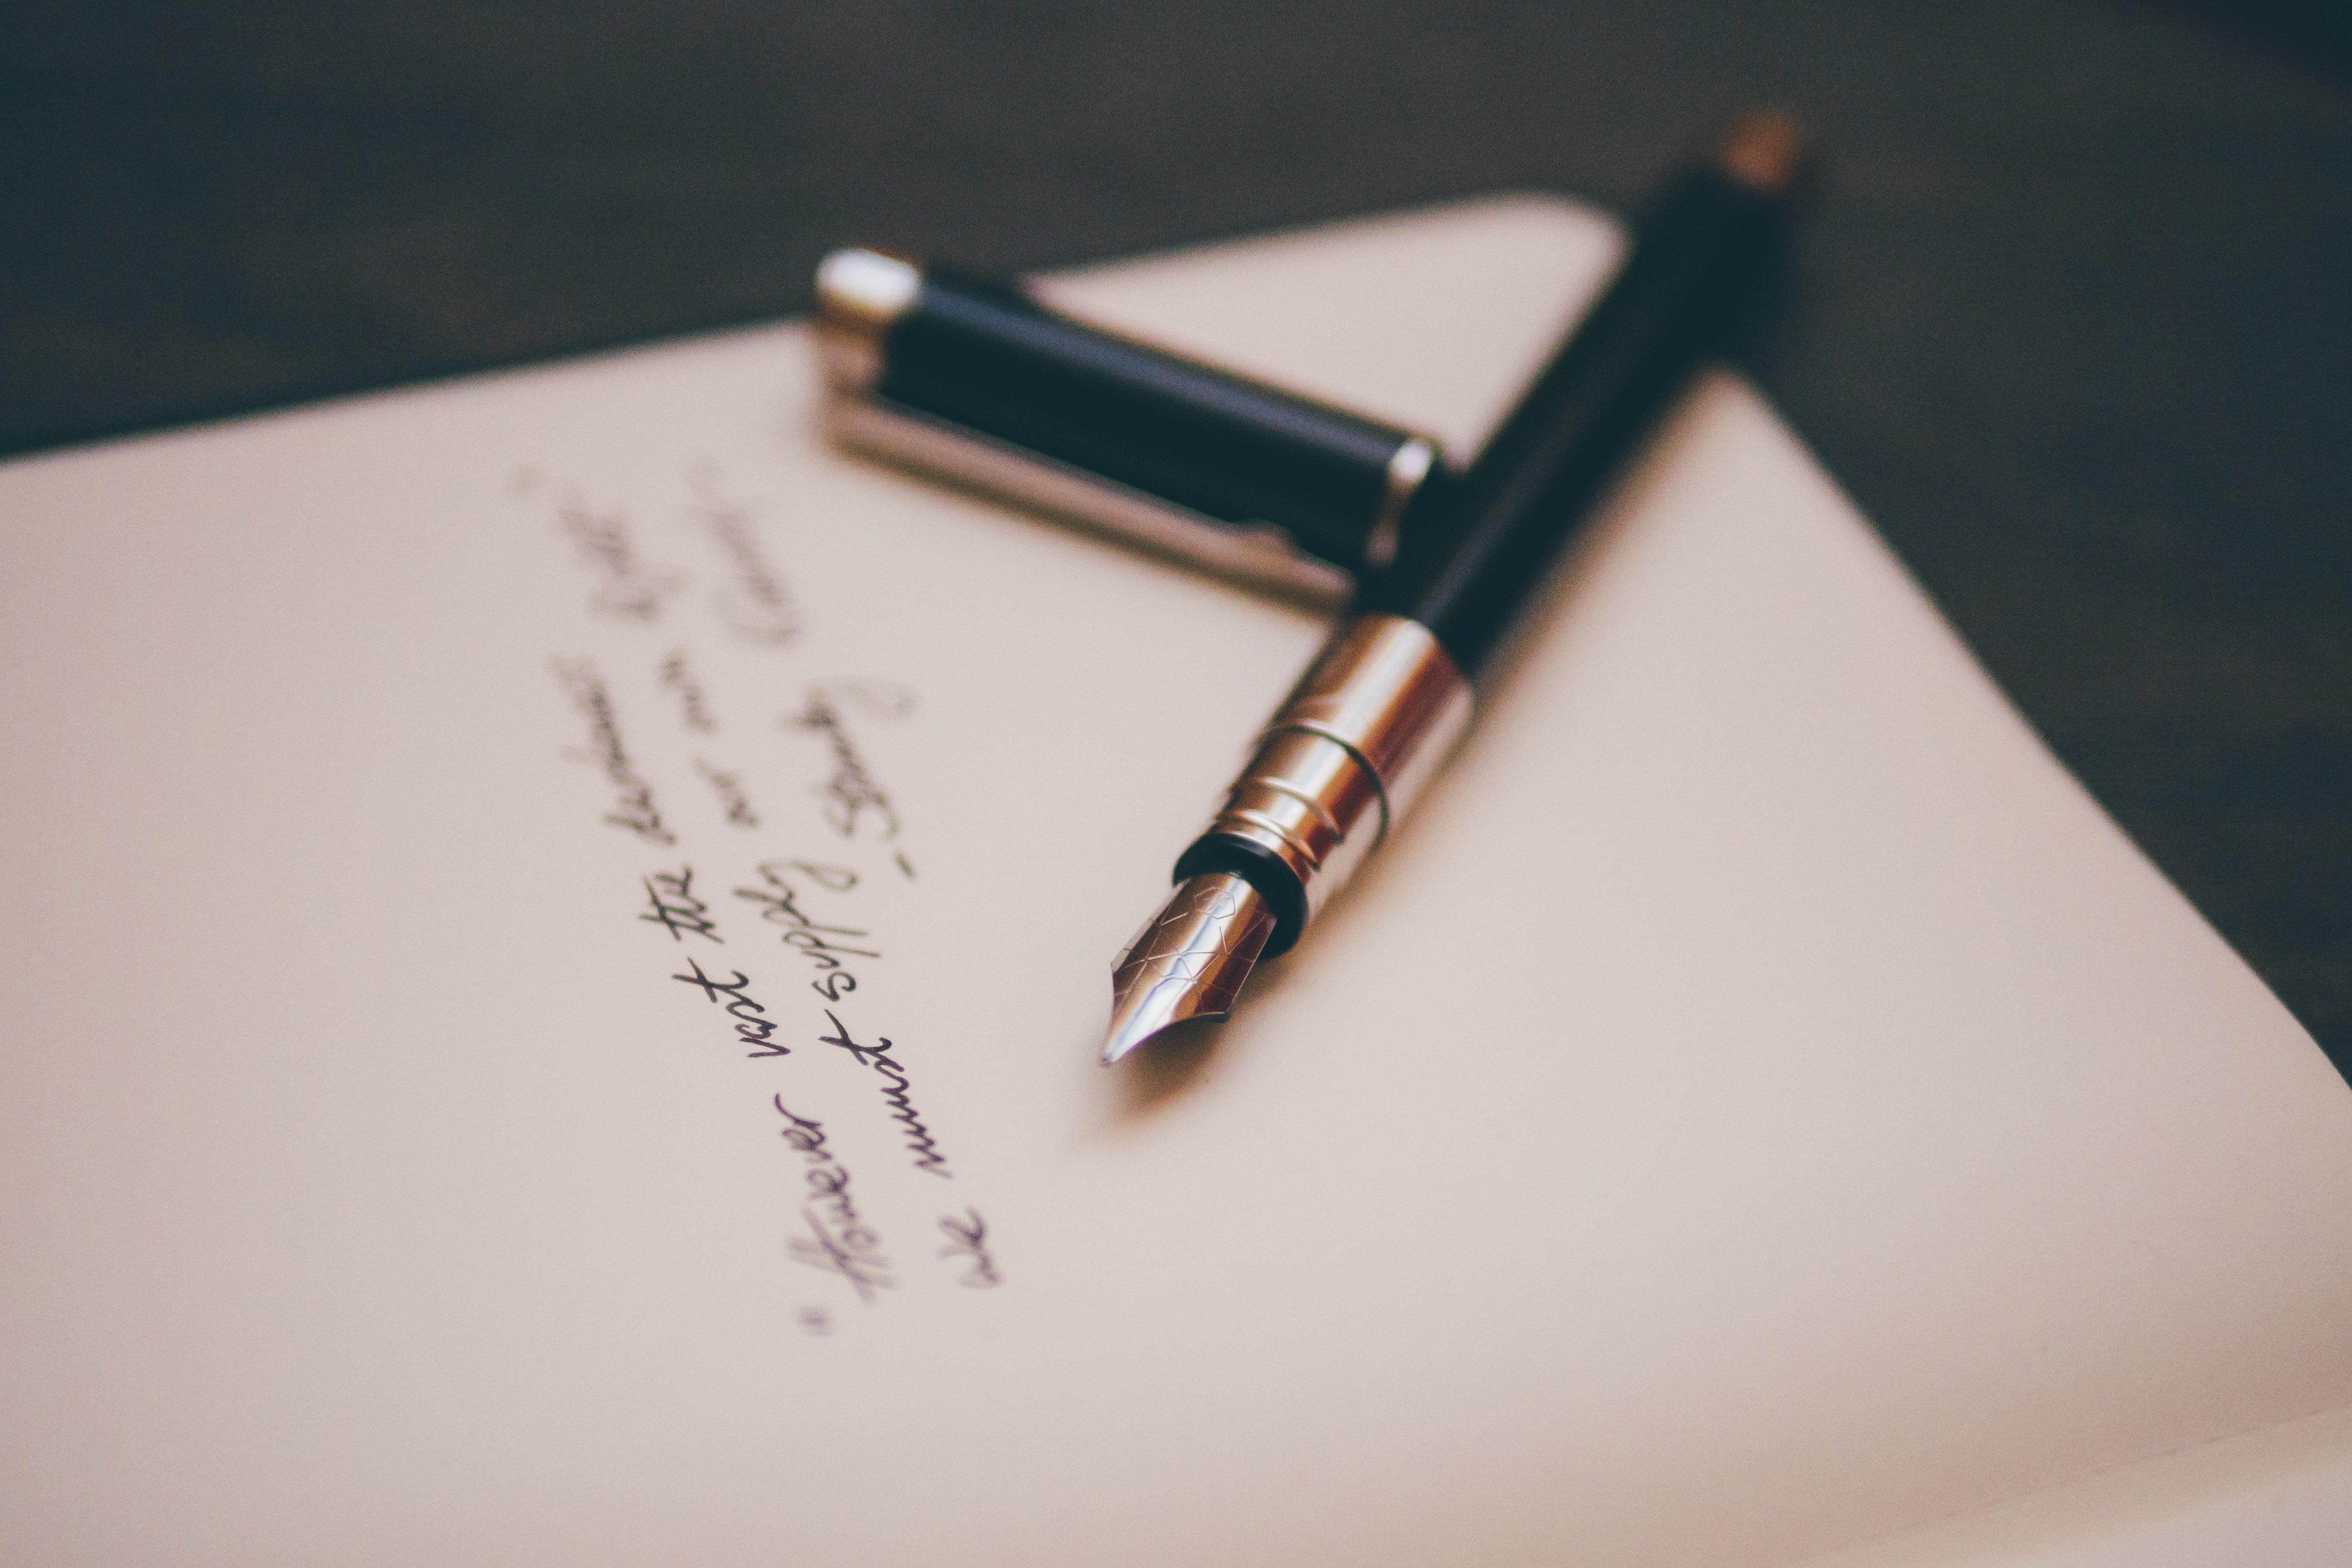 La mia lettera a Joseph. Gli ho raccontato la verità su di me. Meglio se la sai anche te.